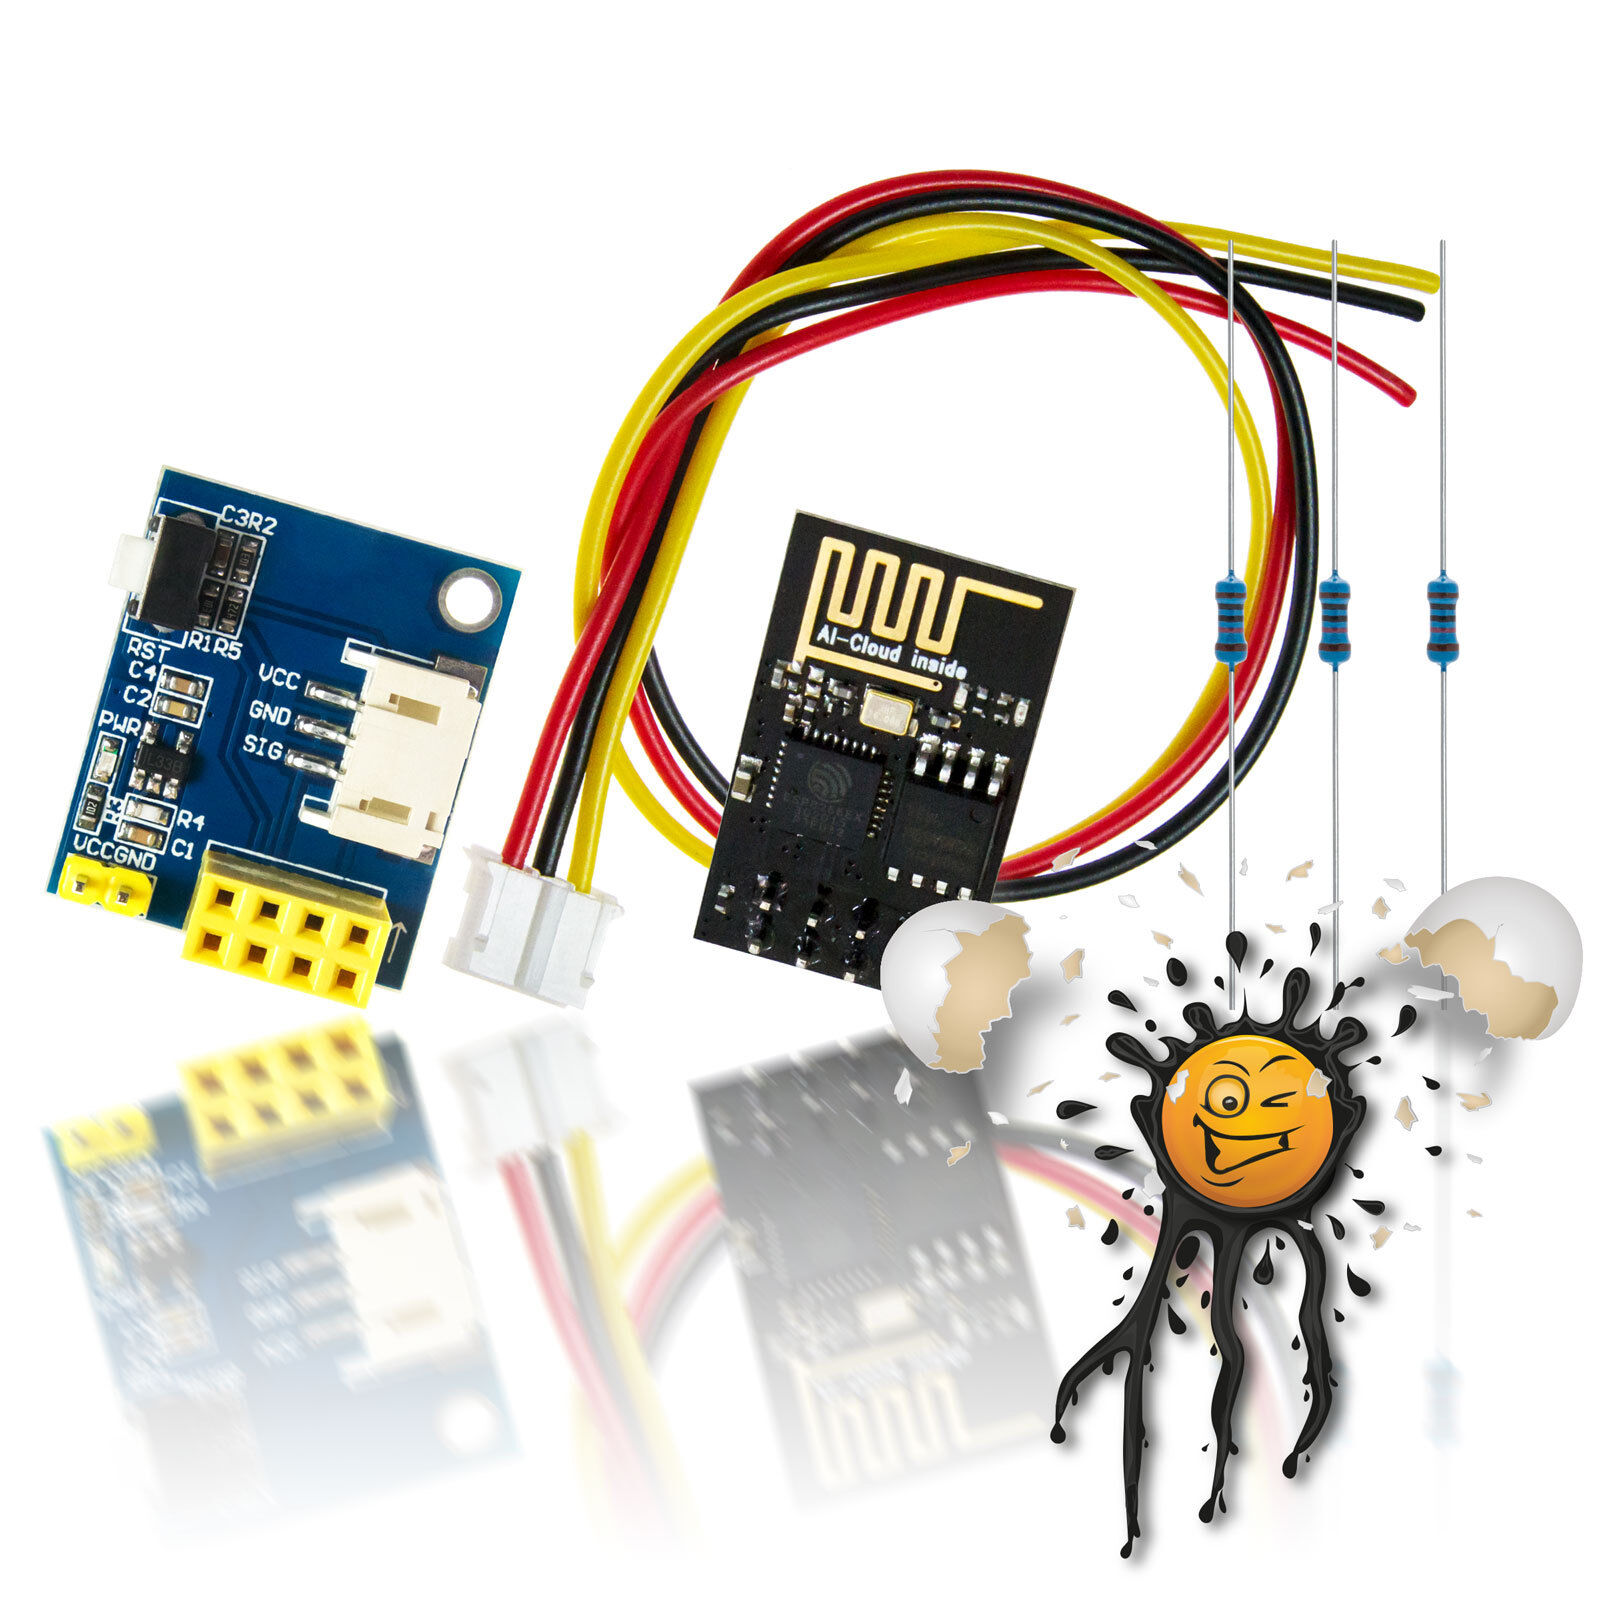 5mm RGB LED Sortiment 3.3V 5V 6V 9V 12V mit Vorwiderstand clear diffus 12 Teile